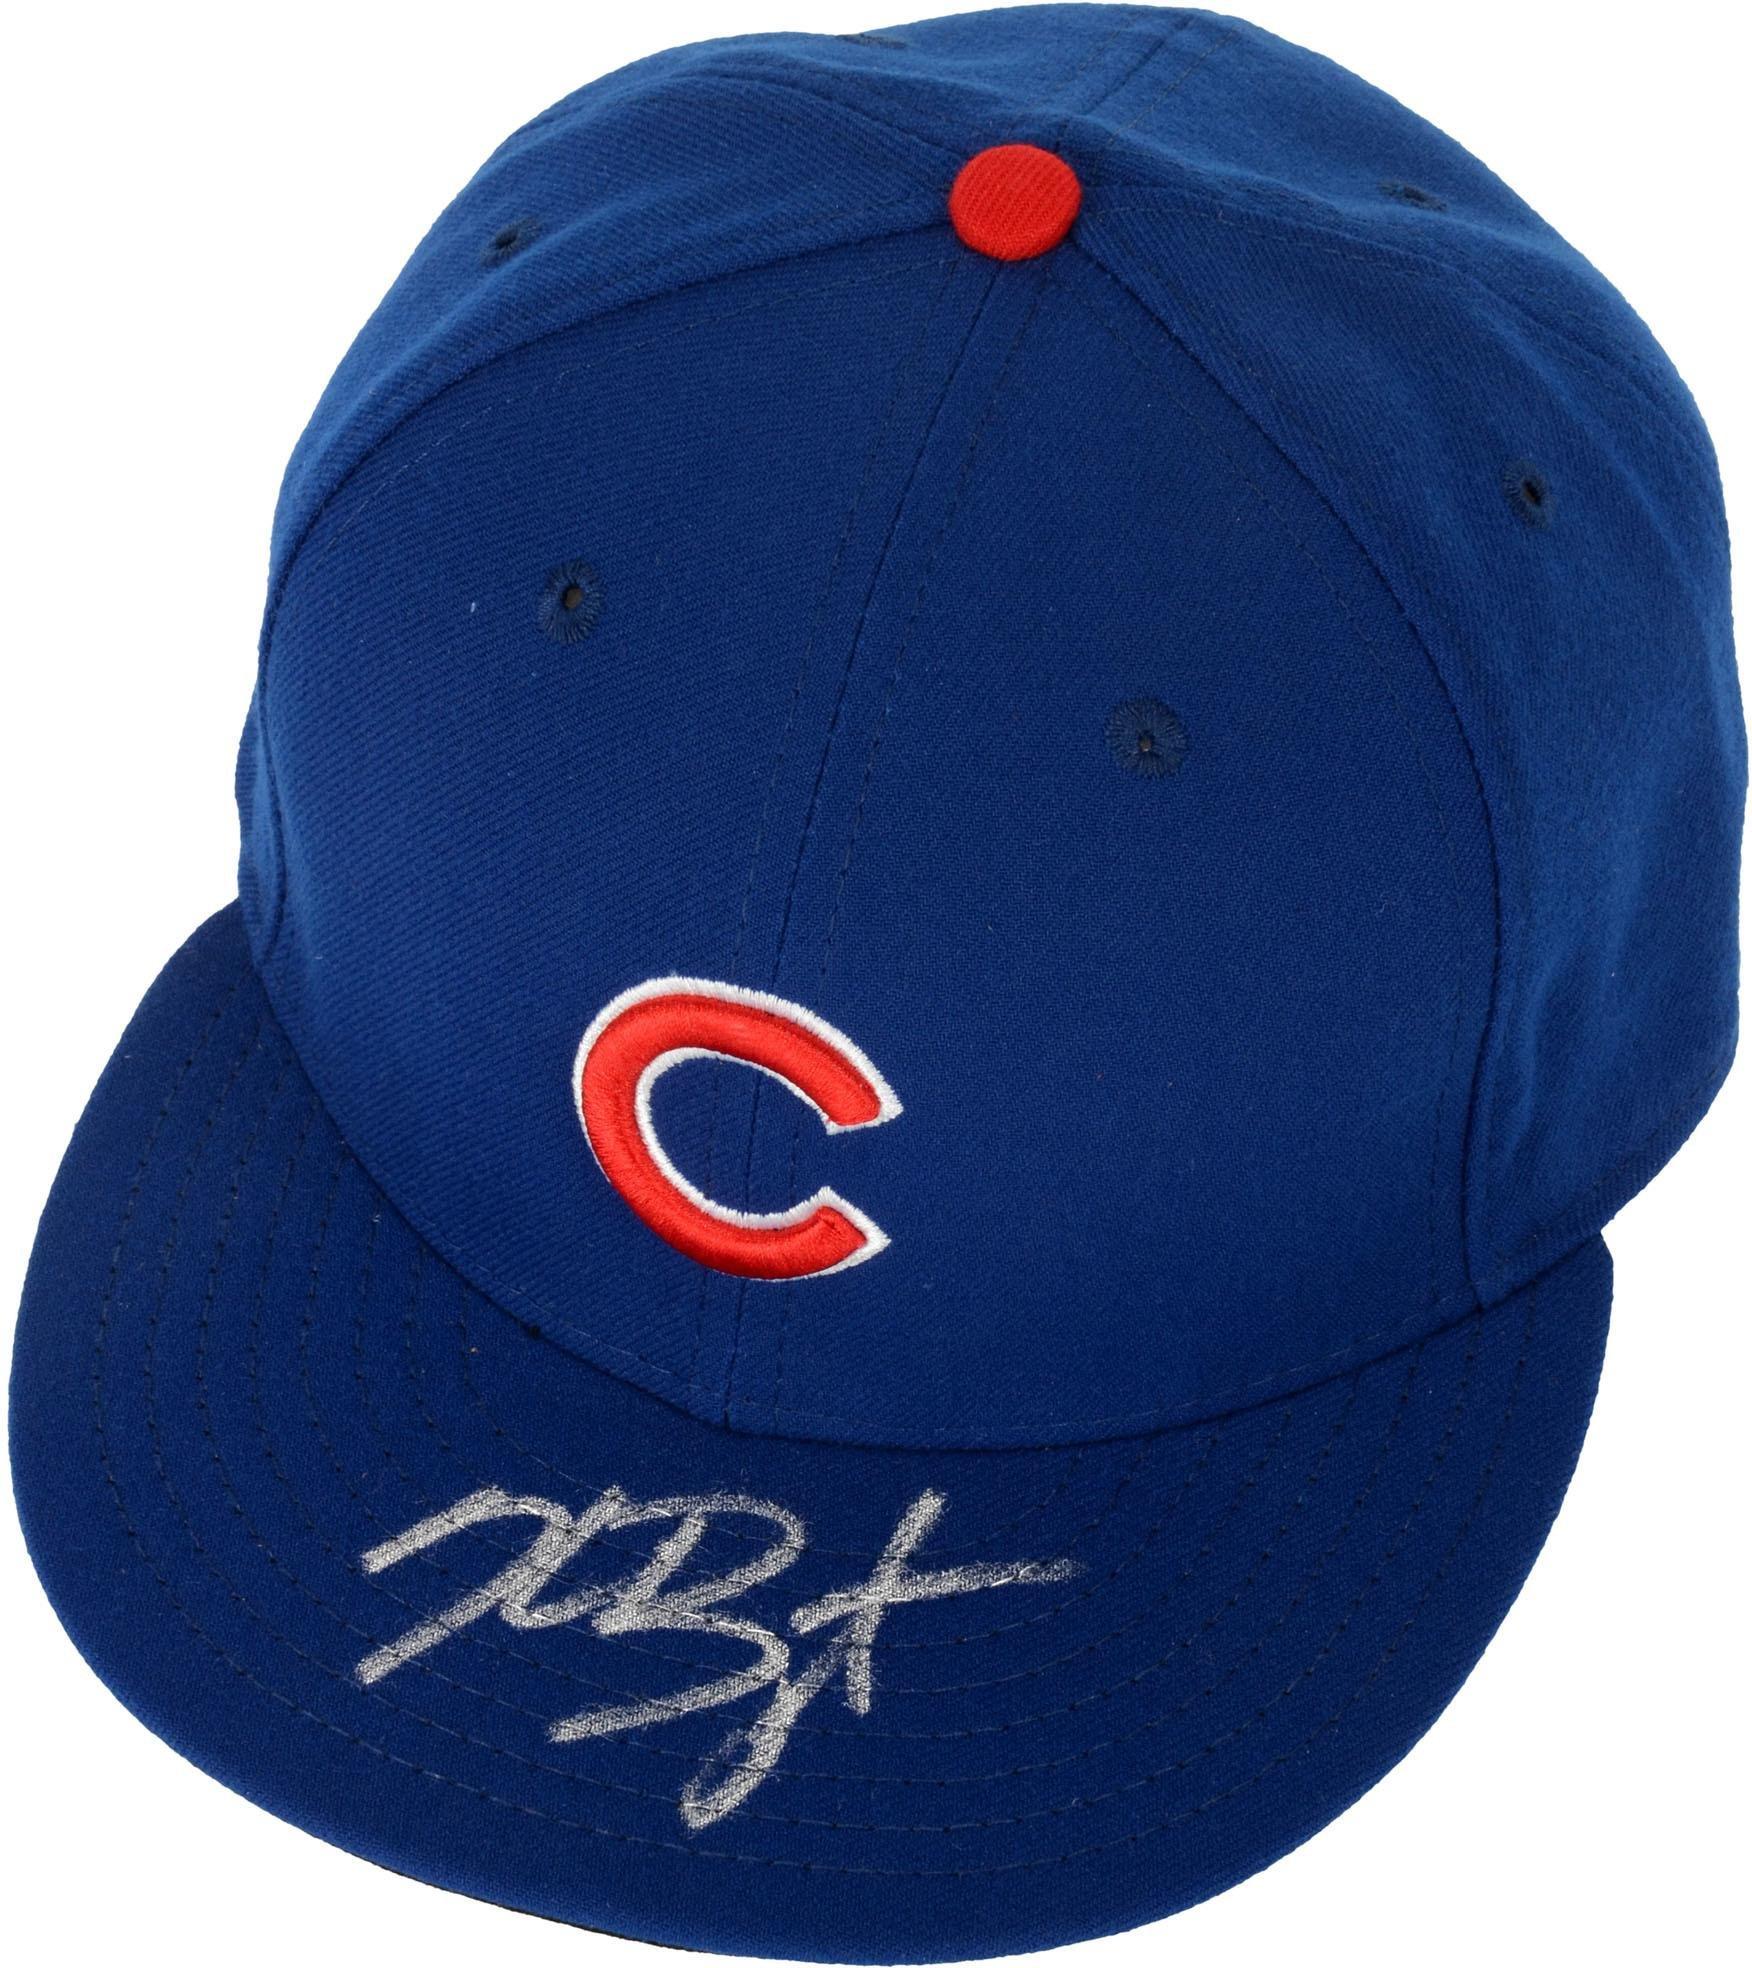 Kris Bryant Chicago Cubs Autographed Navy Cap Fanatics Authentic Certified Autographed Hats